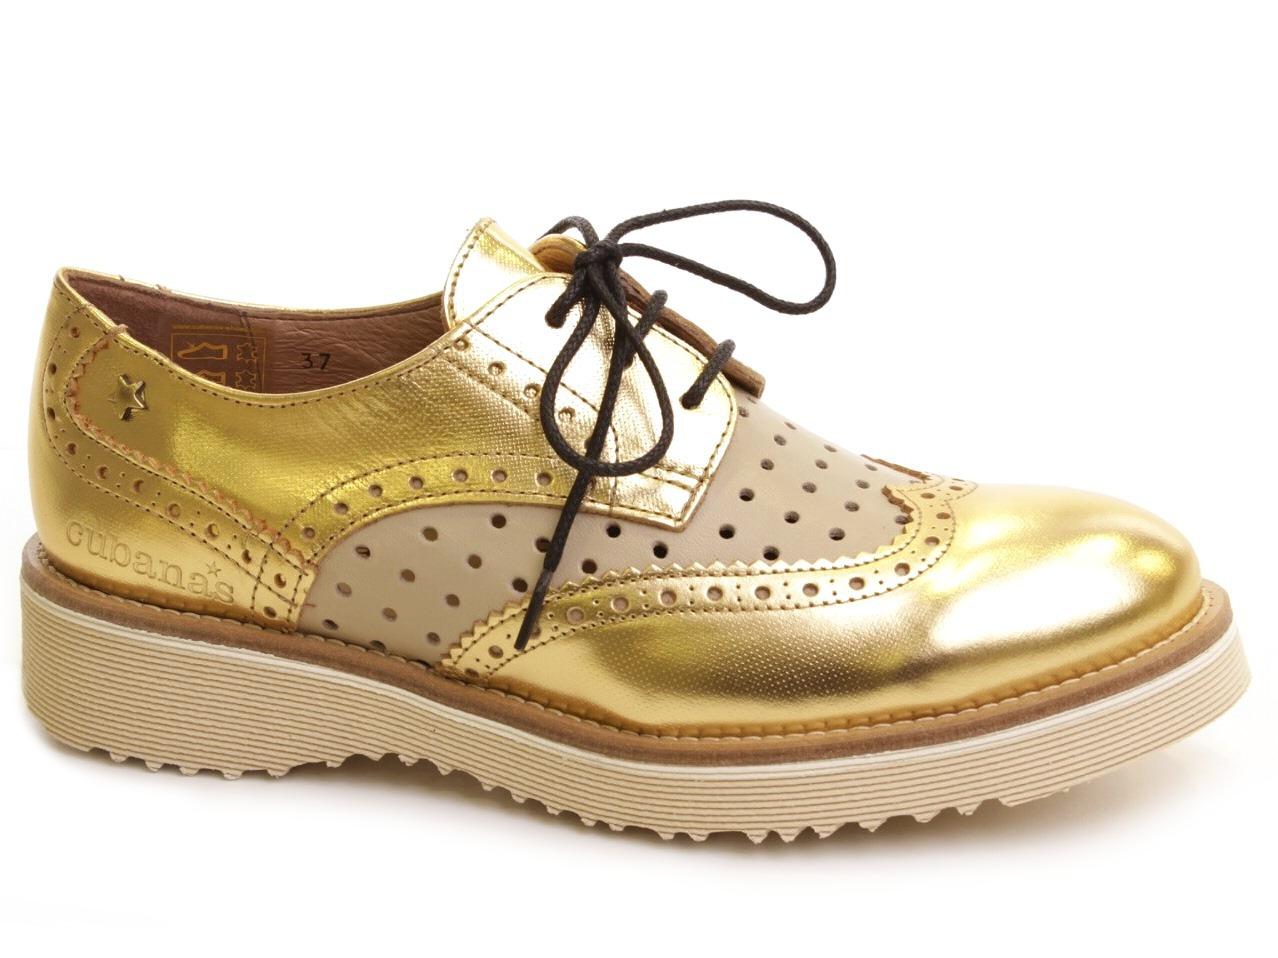 Zapatos Planos, Sabrinas, Mocassins Cubanas - 334 DUNE110